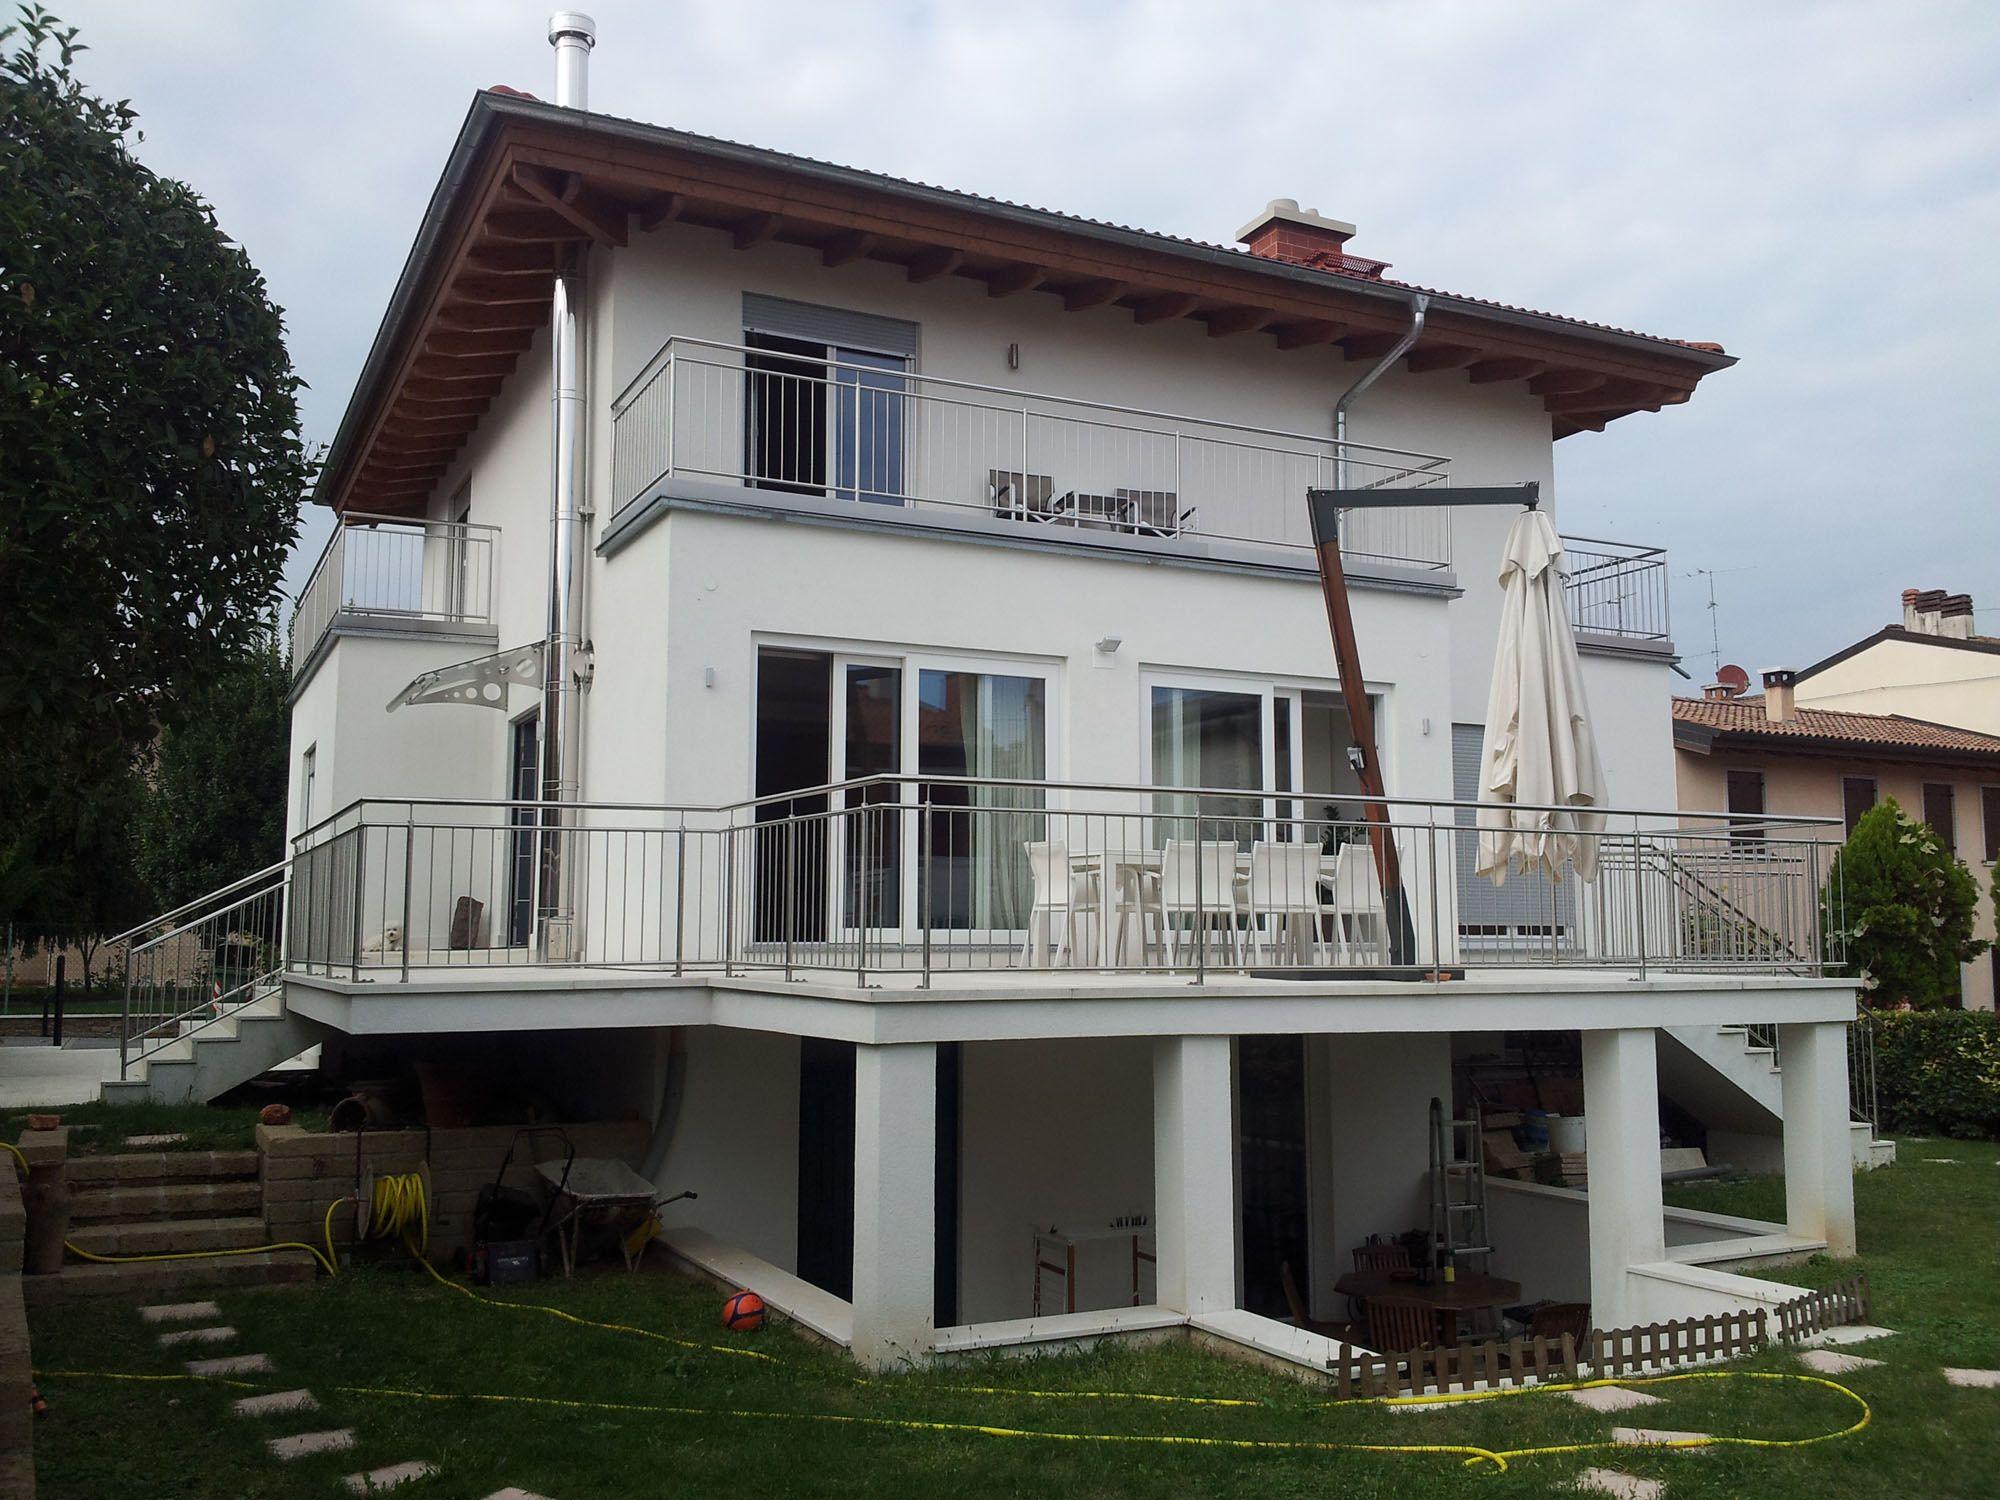 Villa a tre piani architetto paolo crivellaro for Piani di progettazione architettonica